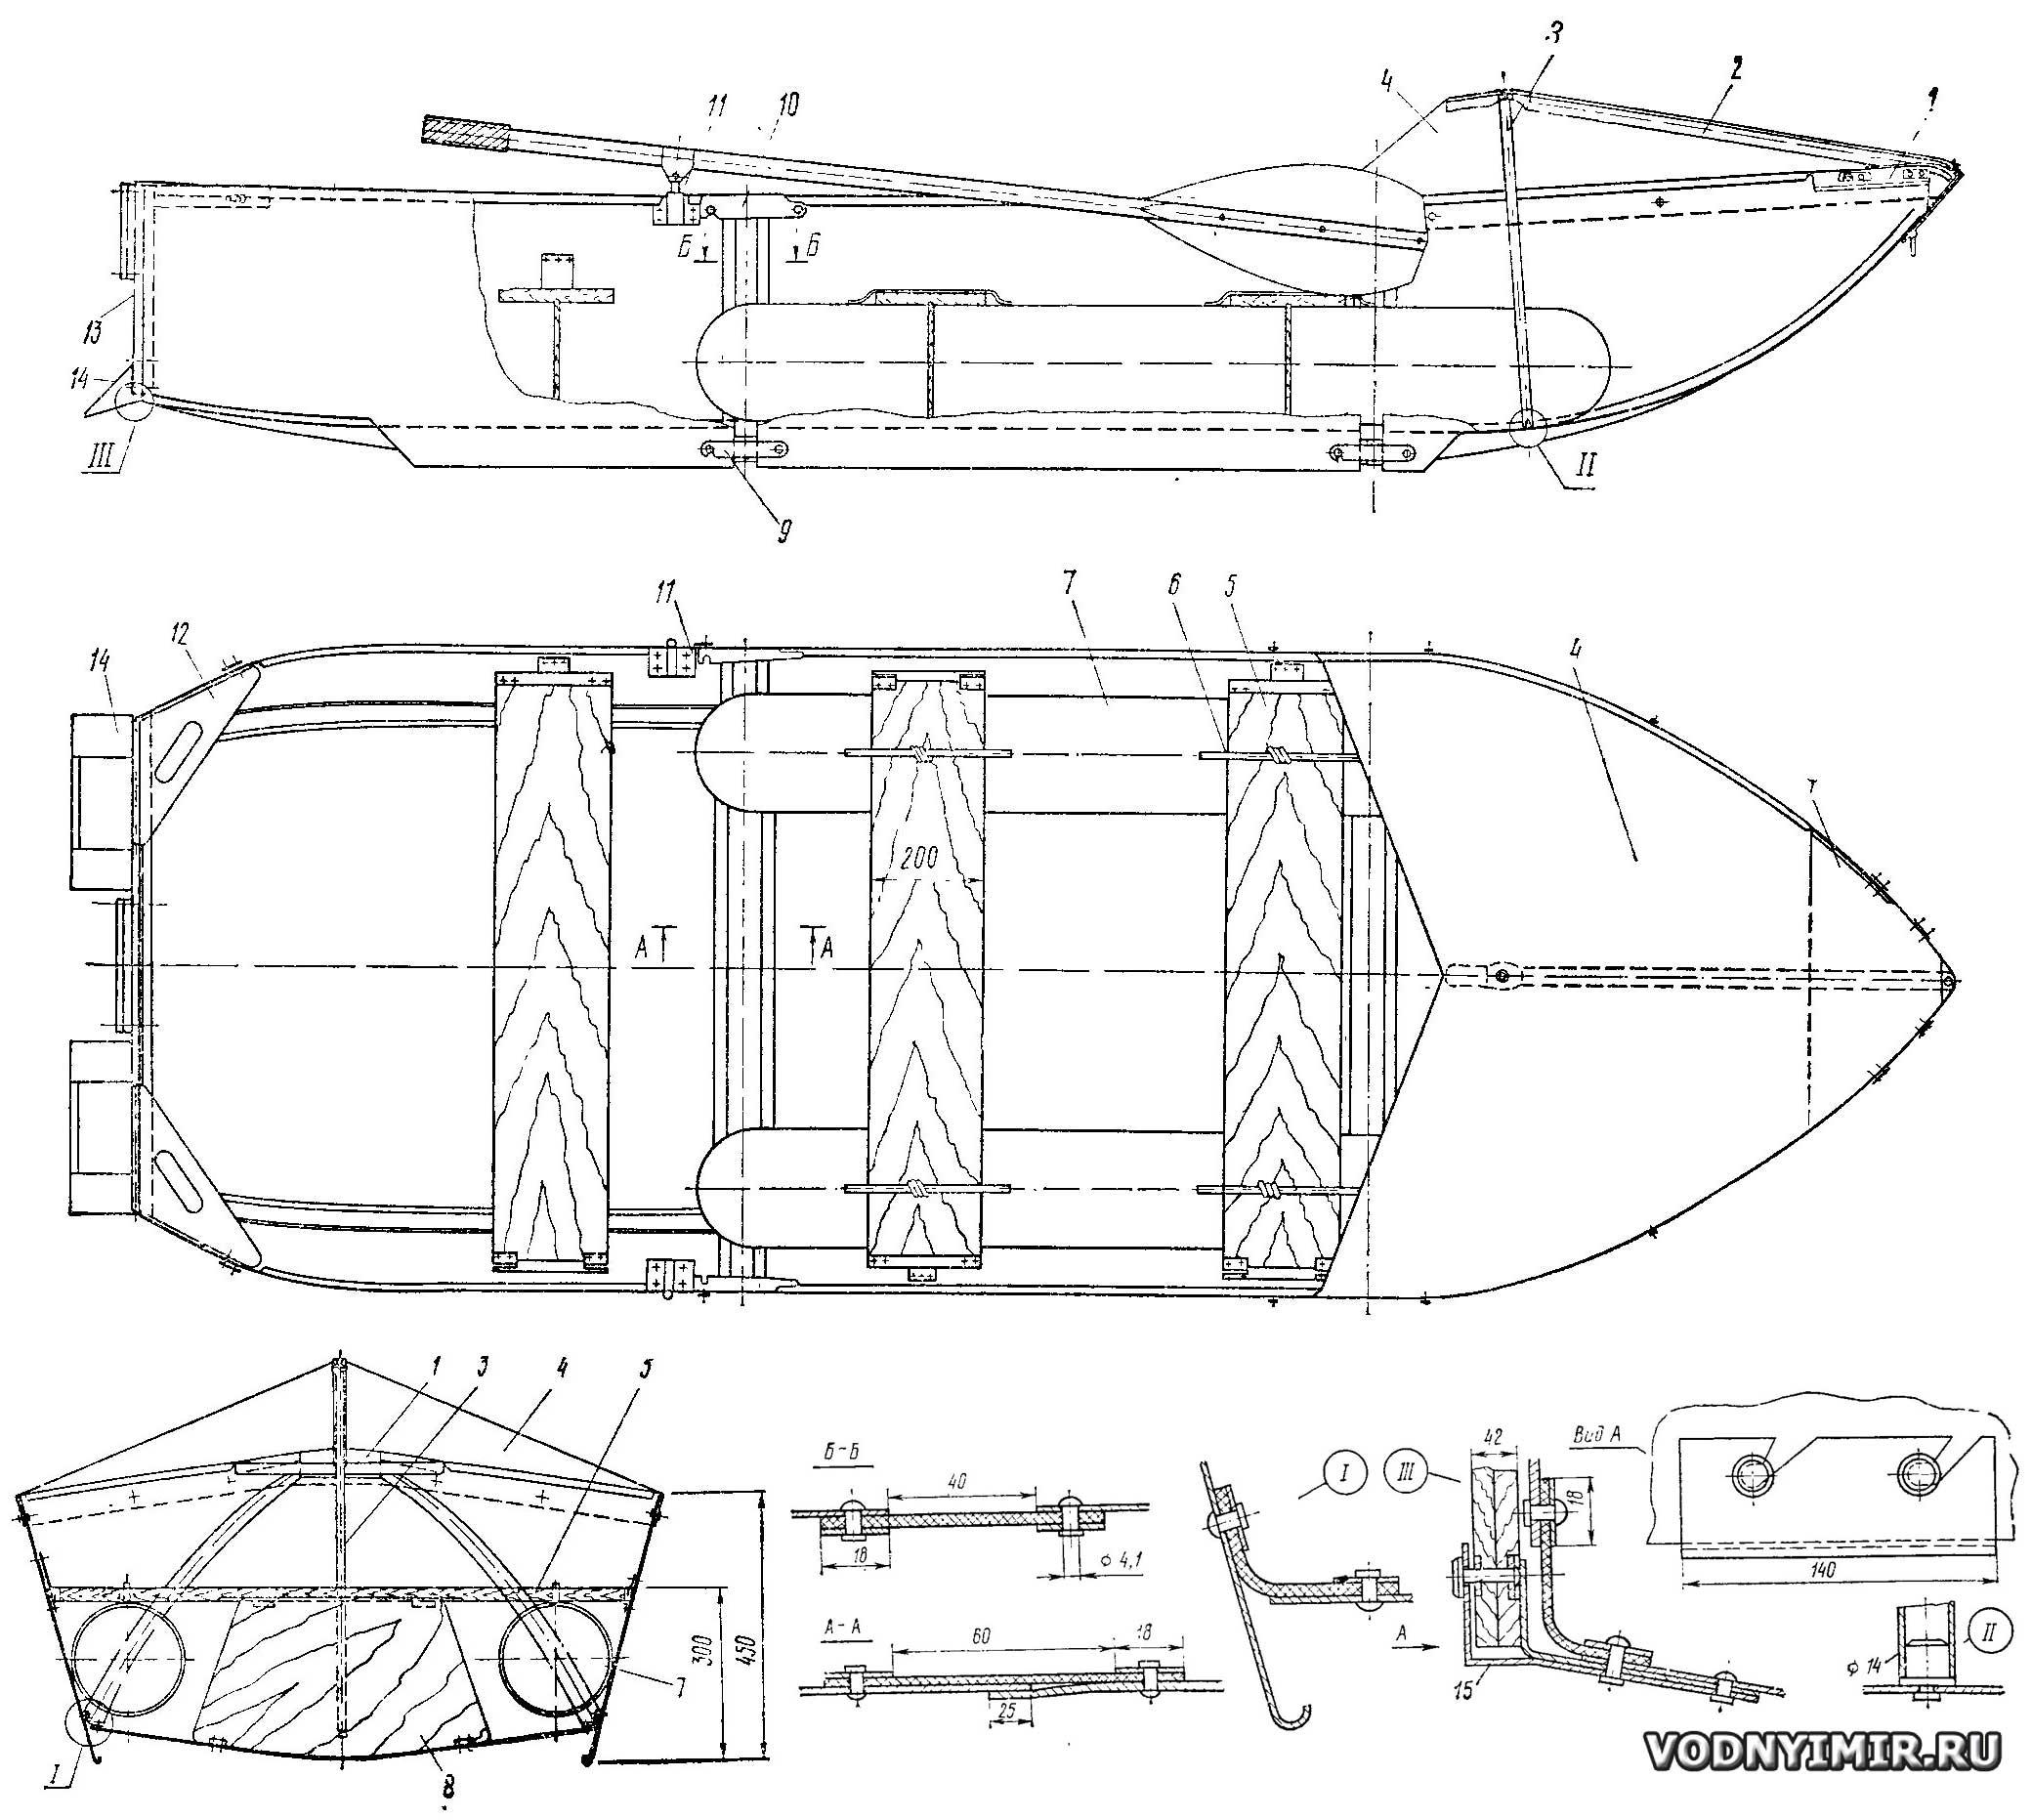 Проекты катеров, лодок и яхт для самостоятельной постройки 16